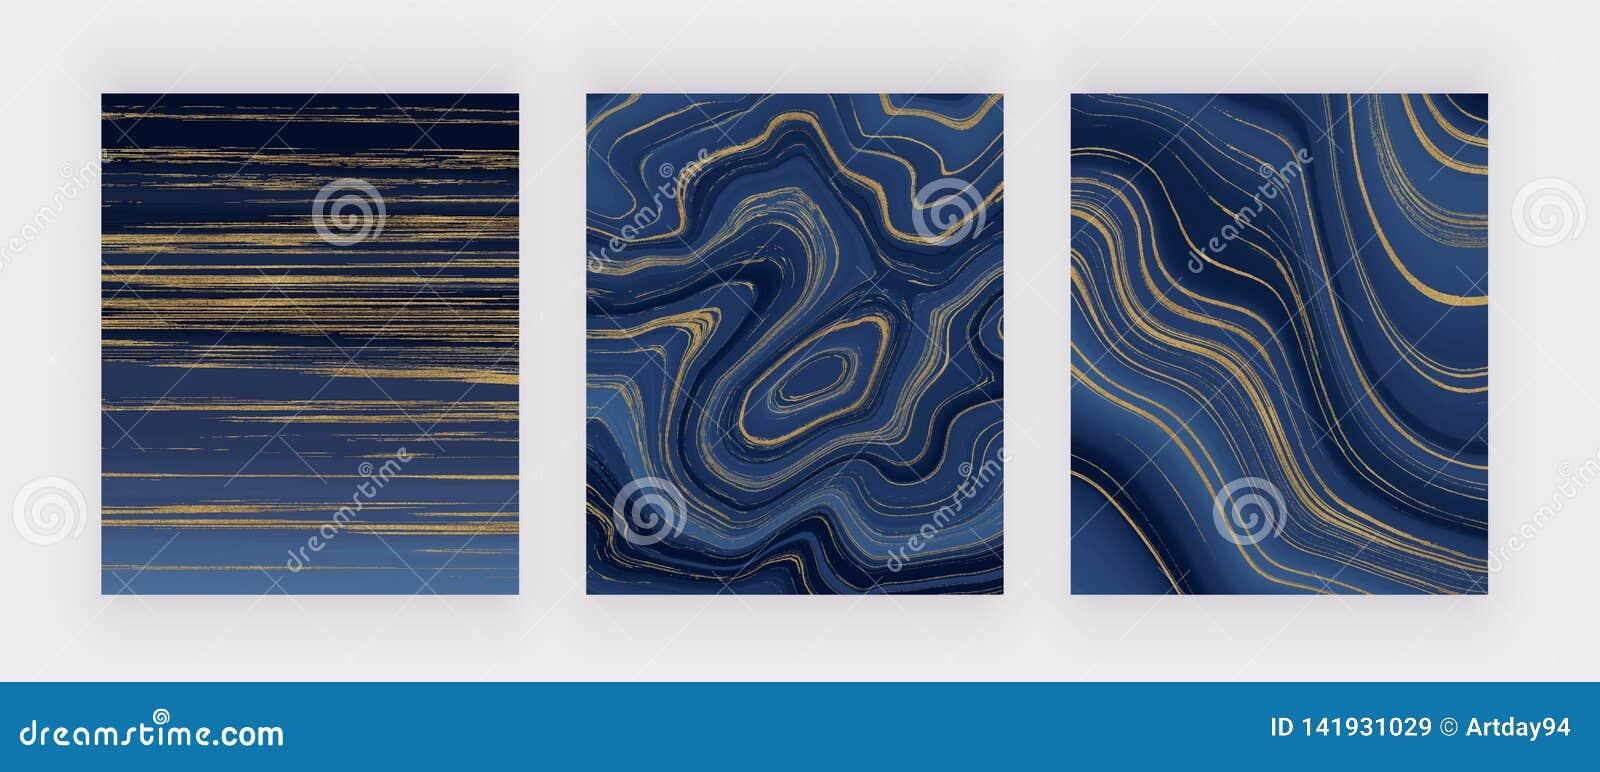 Καθορισμένη υγρή μαρμάρινη σύσταση Μπλε και χρυσός ακτινοβολήστε μελάνι χρωματίζοντας το αφηρημένο σχέδιο Καθιερώνοντα τη μόδα υπ